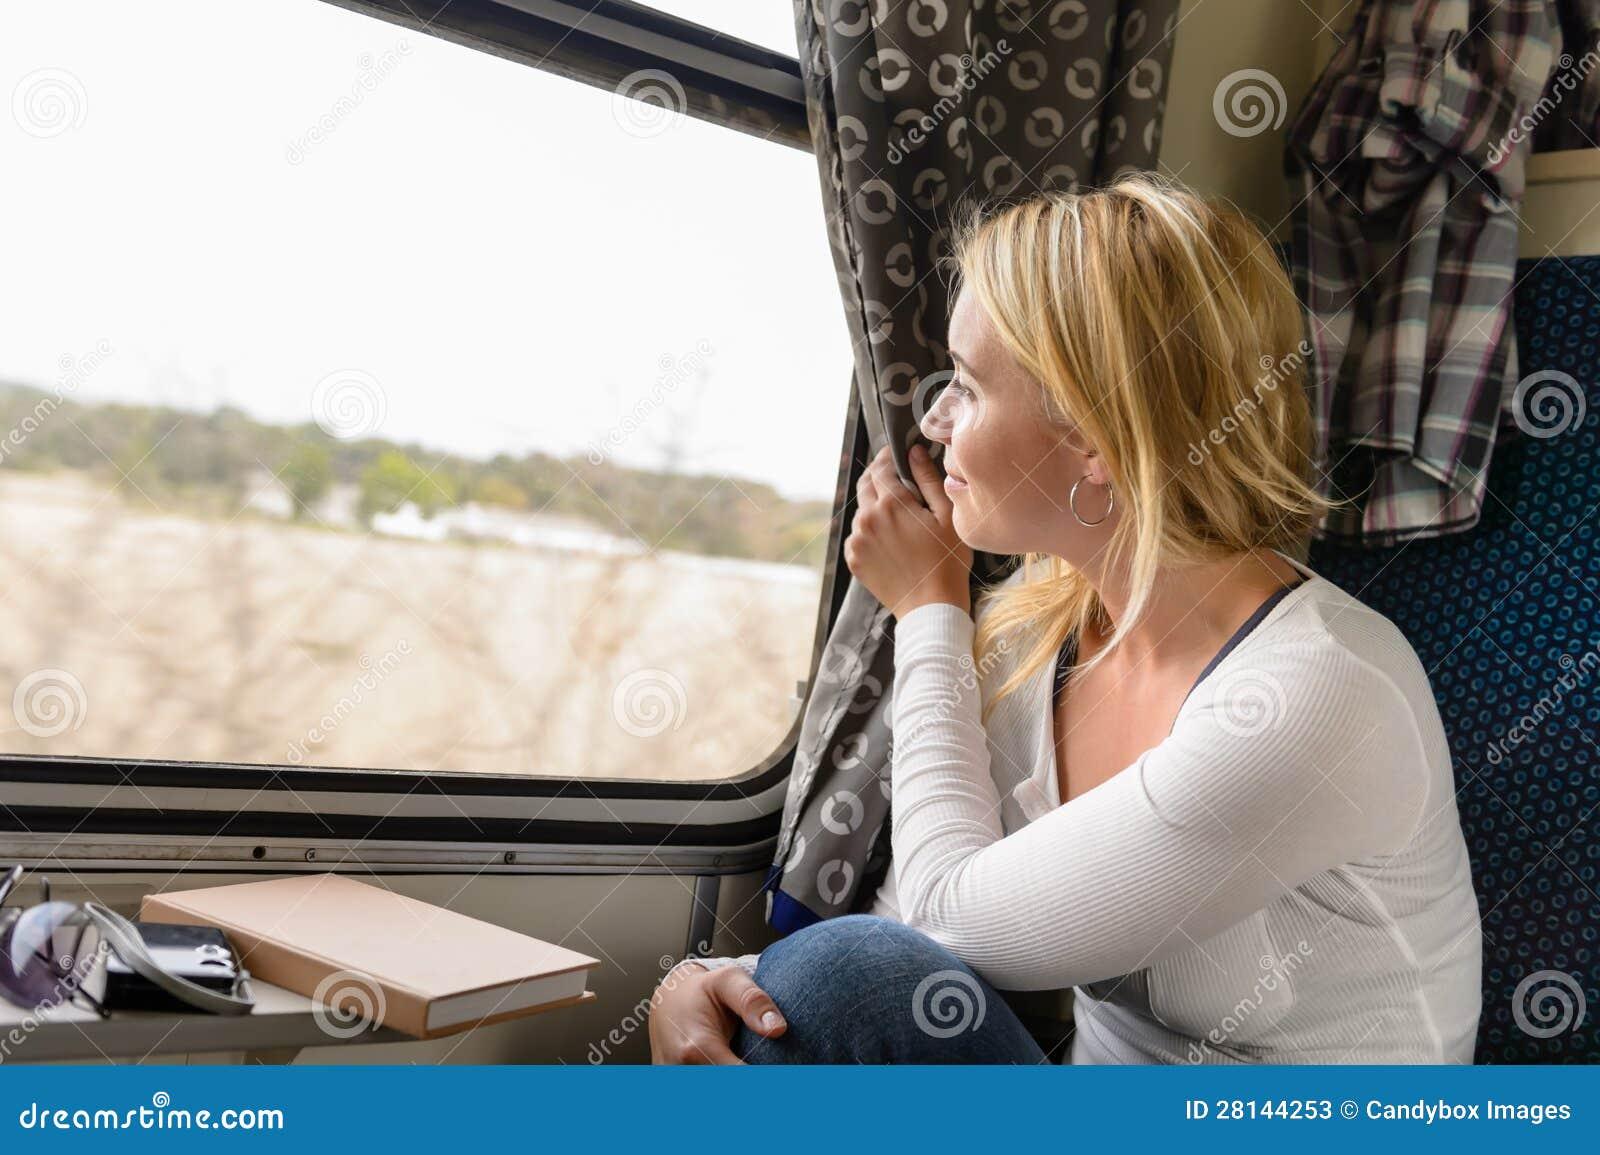 Смотрю в окно соседки 27 фотография